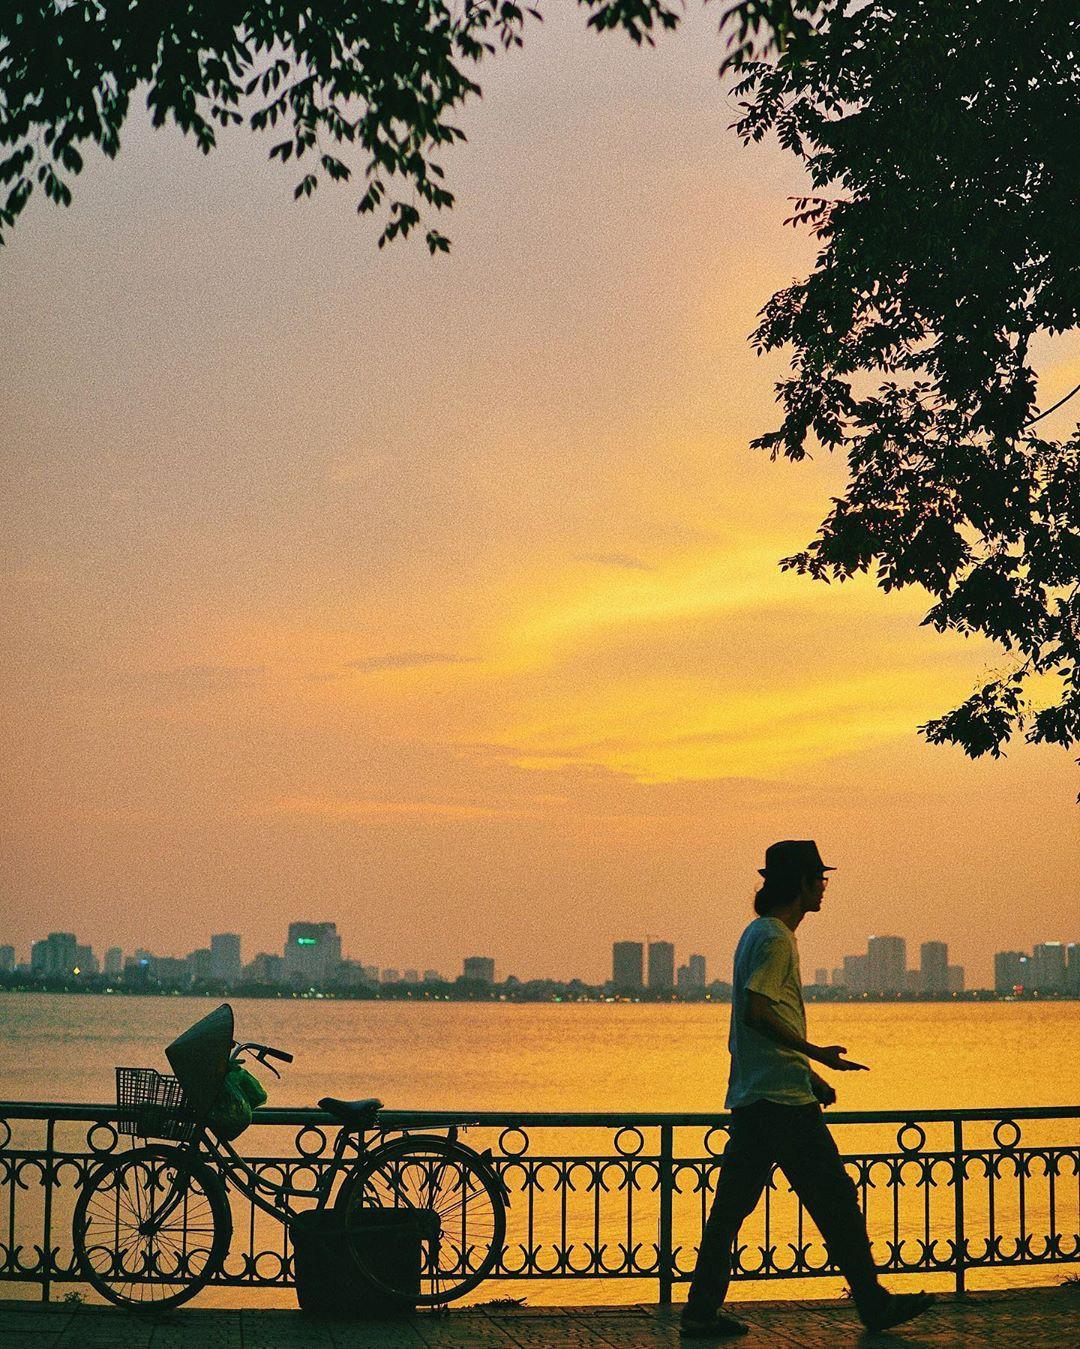 Định vị ngay tọa độ con hẻm nhìn ra hồ Tây cực thơ mộng làm giới trẻ Hà Nội đứng ngồi không yên mấy ngày nay - Ảnh 1.